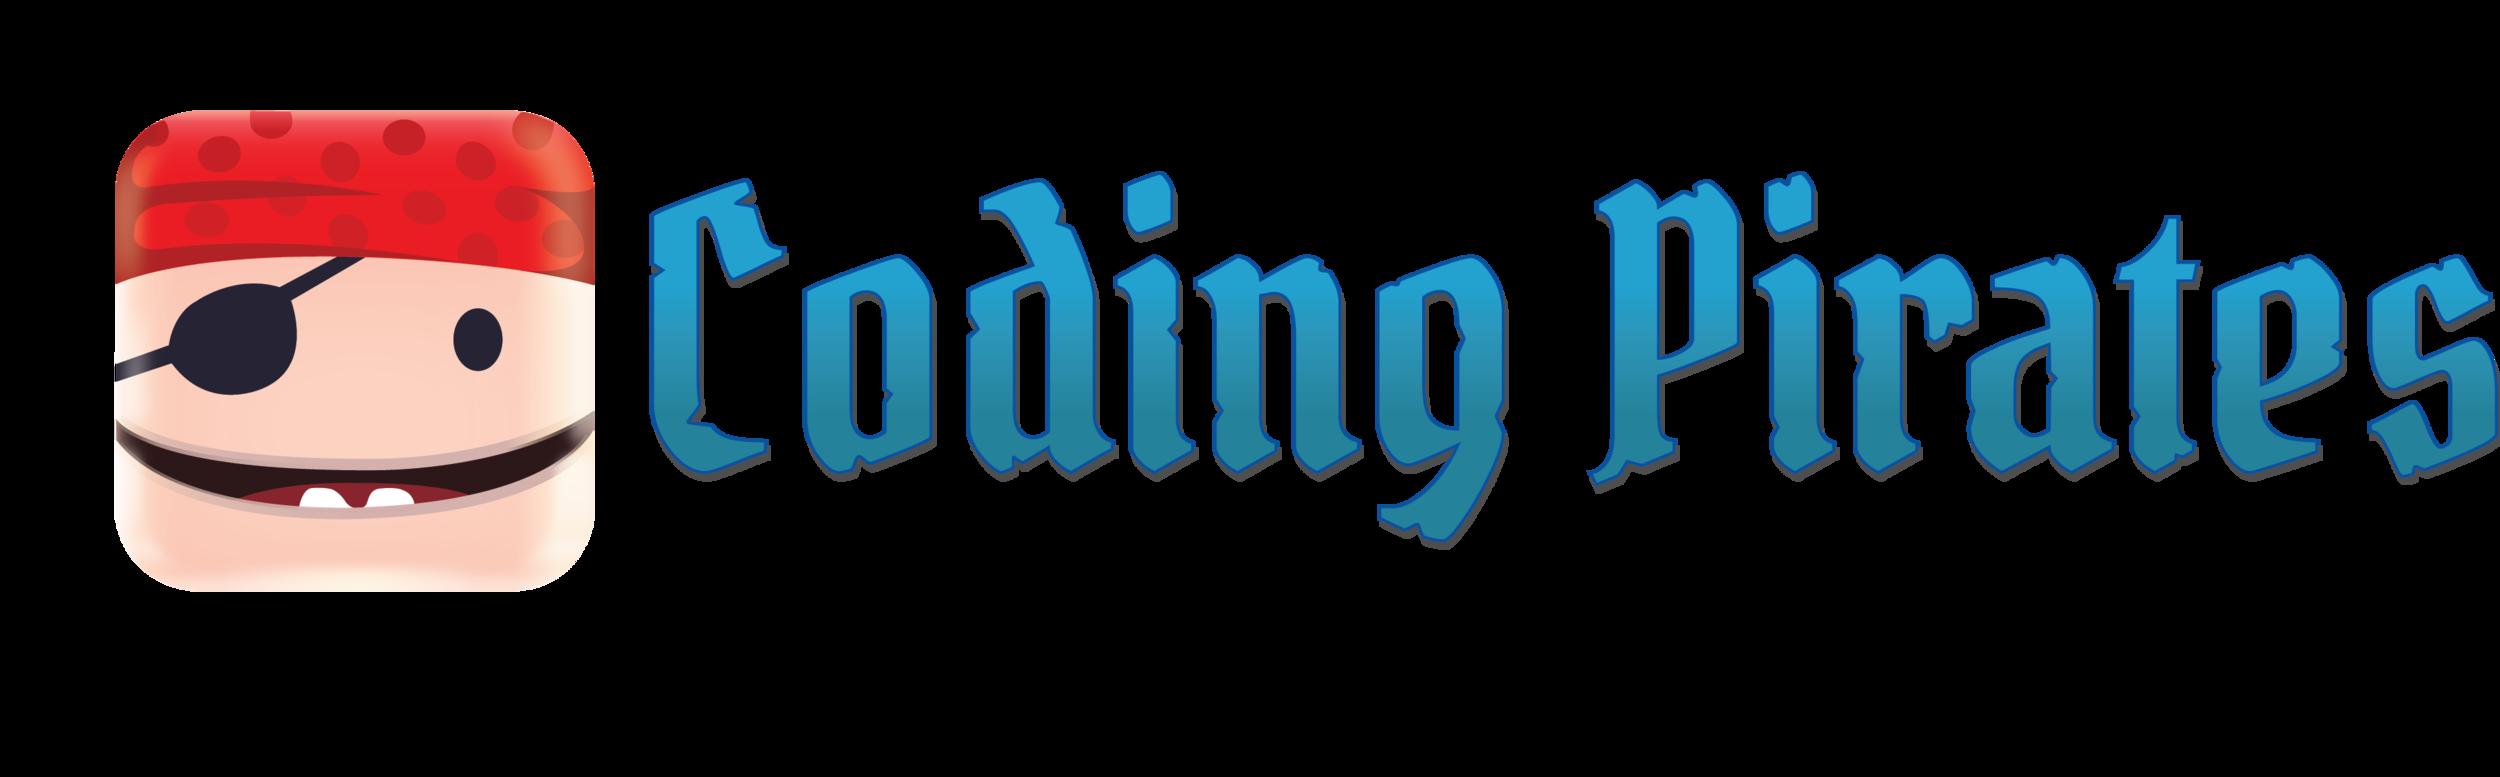 Coding Pirates Skrift og Hack Logo.png